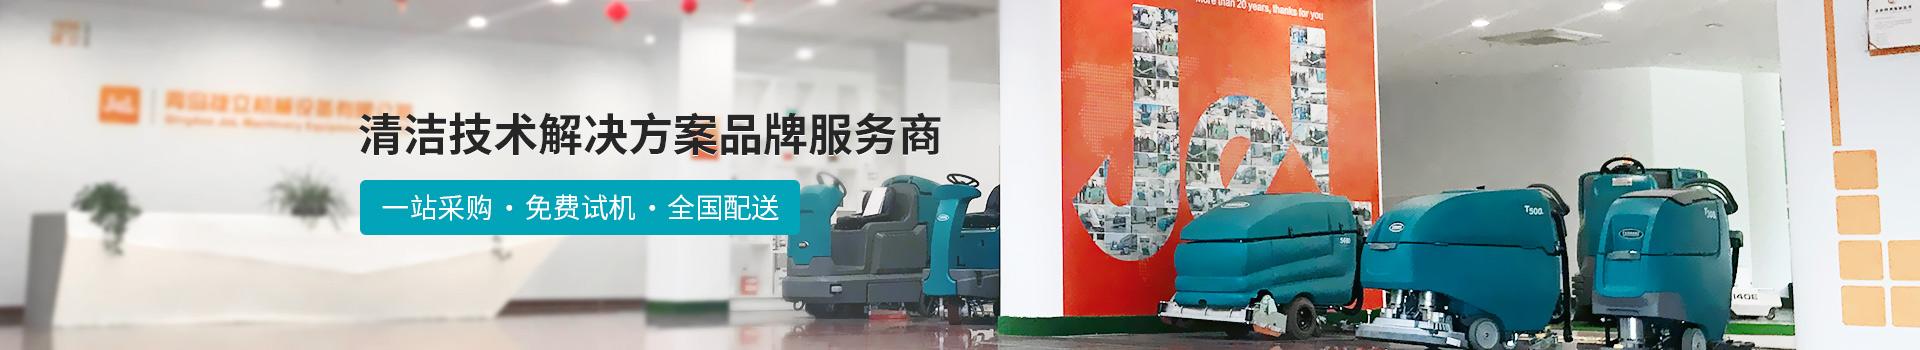 青岛捷立:清洁技术解决方案品牌服务商